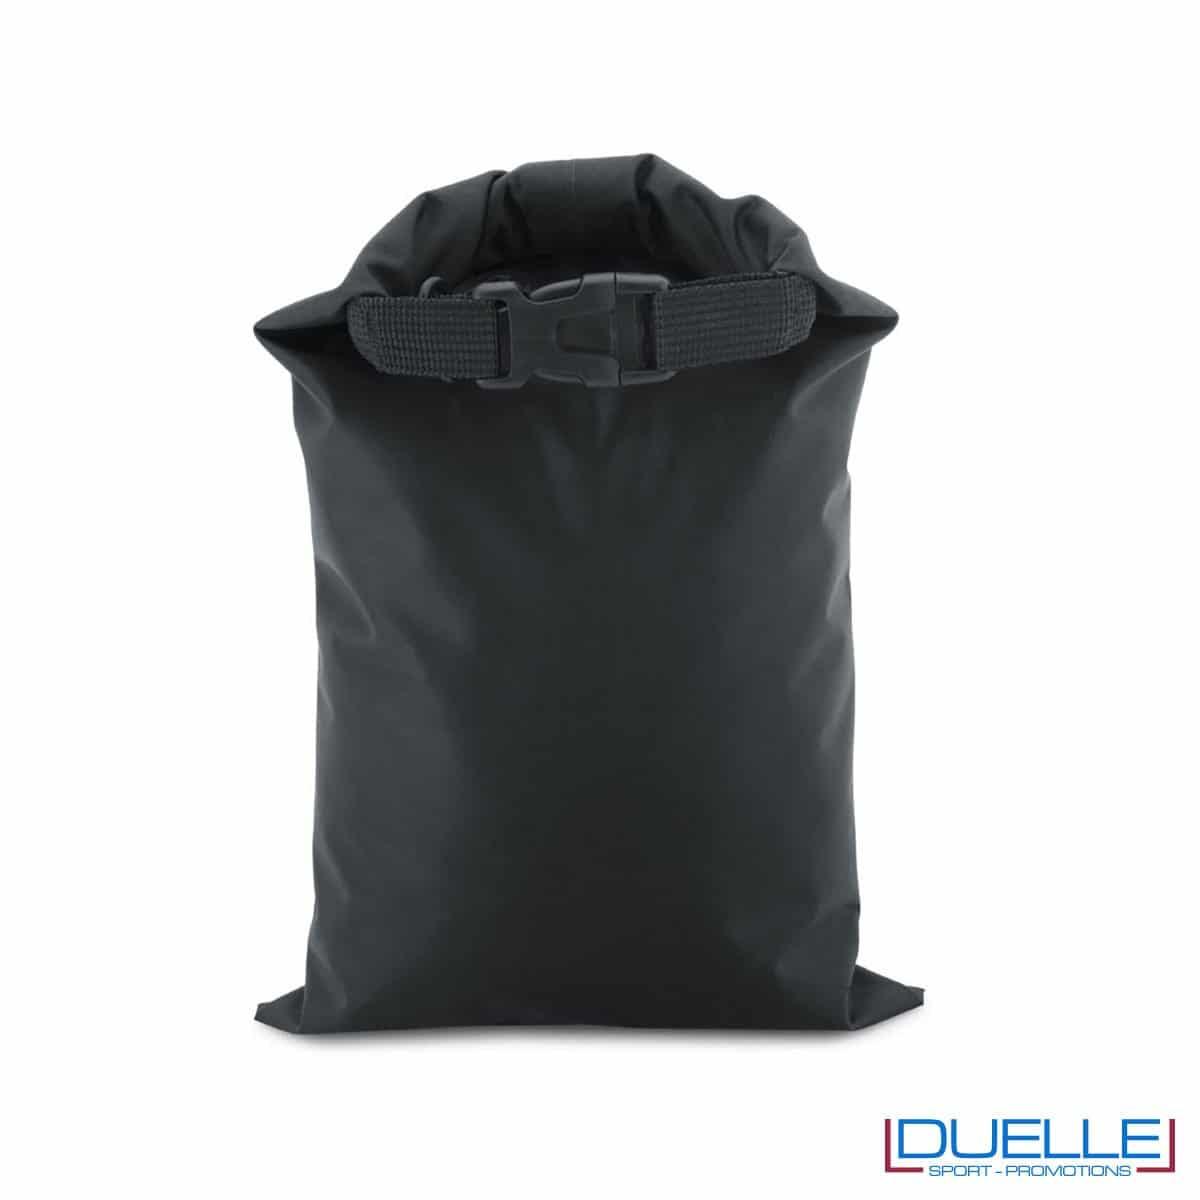 Sacca impermeabile in nylon personalizzata colore nero